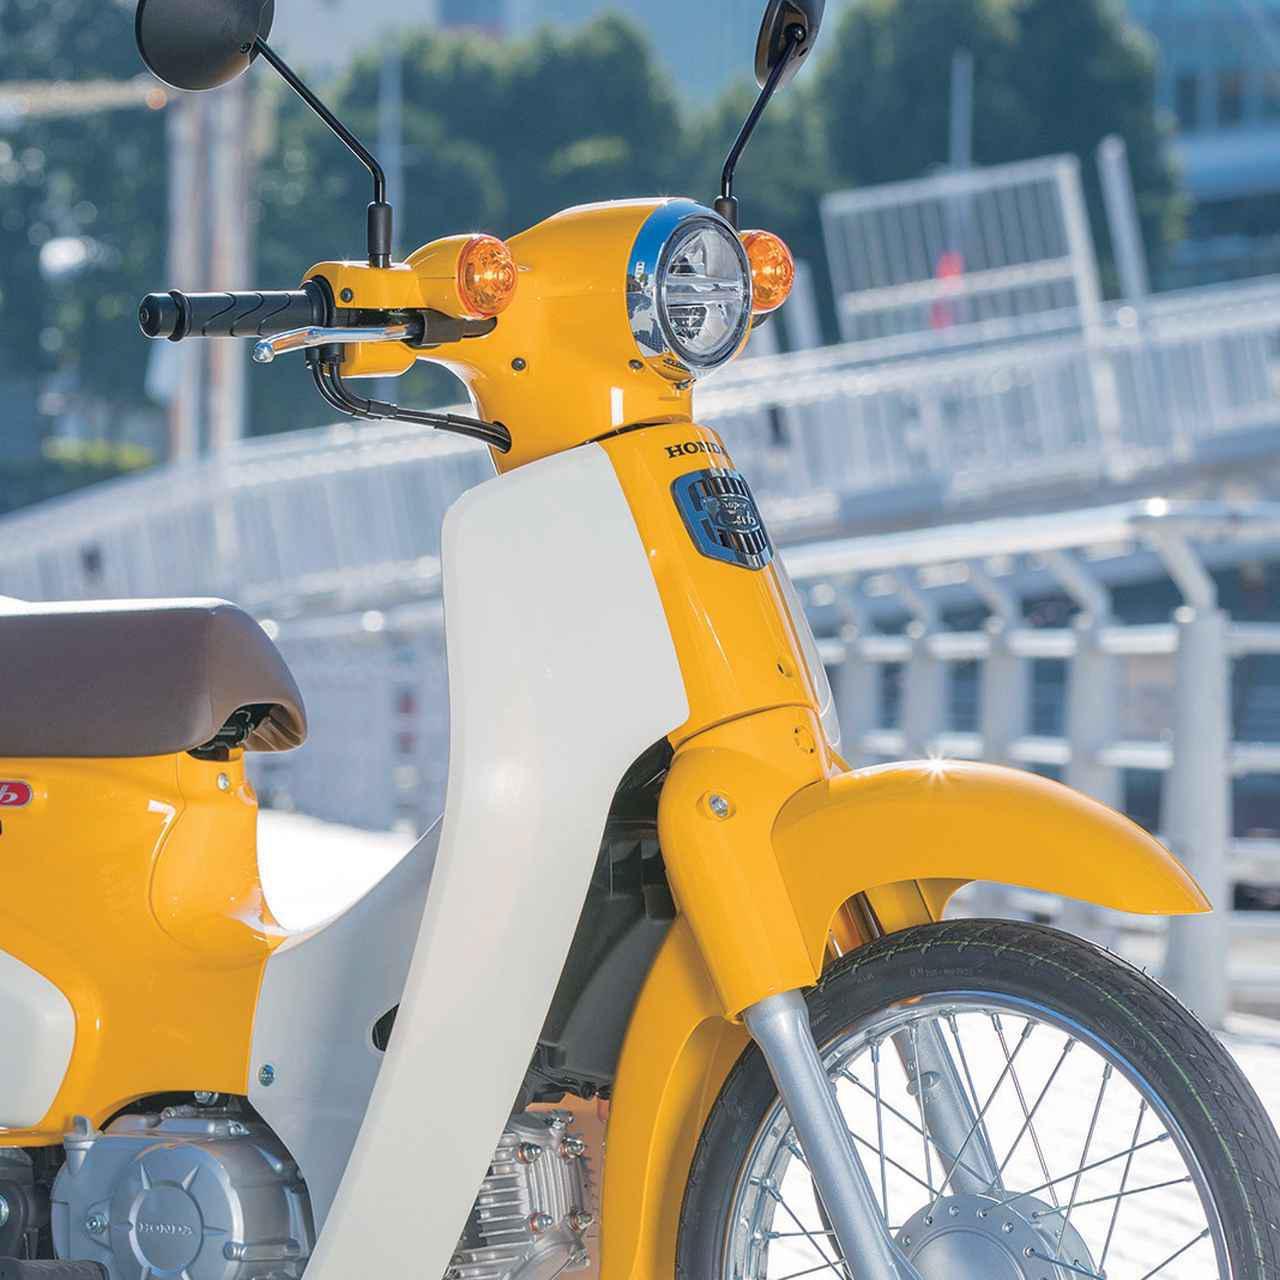 画像: ホンダ「スーパーカブ50」ヒストリーガイド【名車の歴史】 - webオートバイ